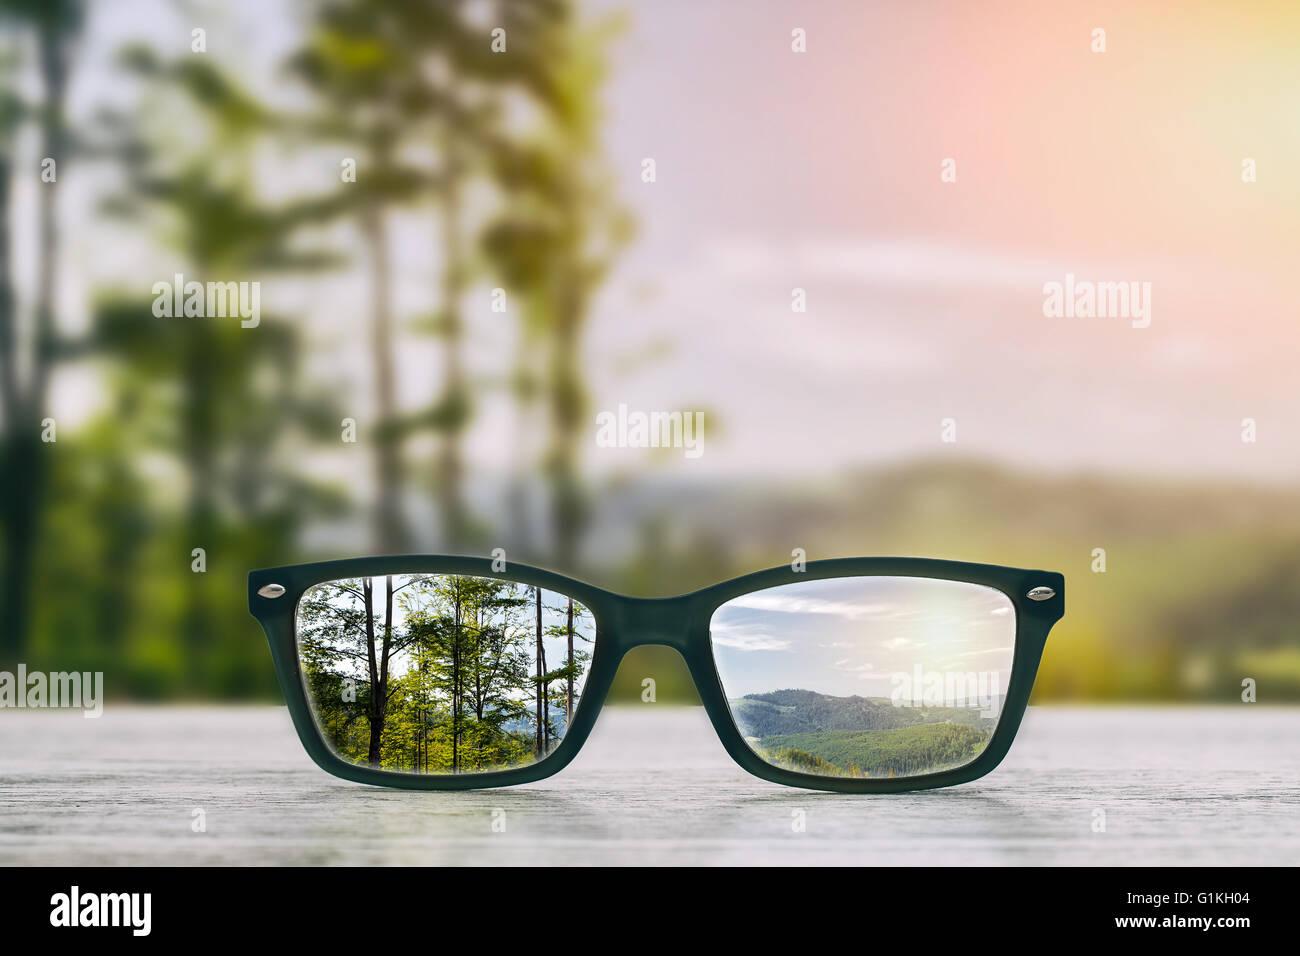 Bicchieri di messa a fuoco di legno di sfondo - Immagine di stock Immagini Stock